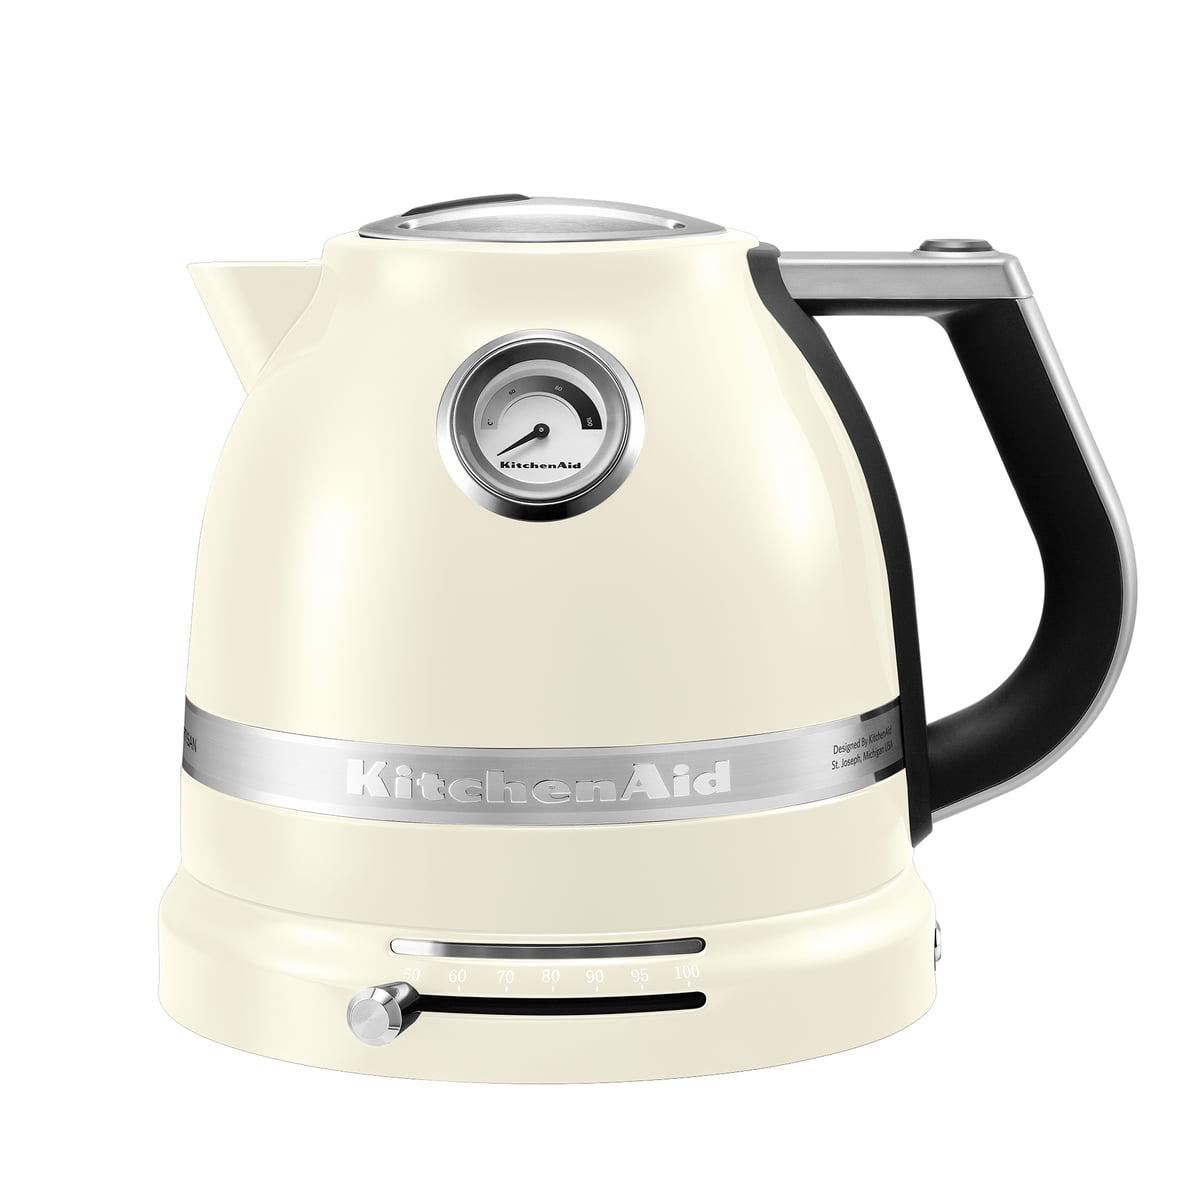 Kitchen Aid KitchenAid - Artisan Wasserkocher 1.5 l, créme | Küche und Esszimmer > Küchengeräte > Wasserkocher | Créme | Gehäuse: aluminium -  innenwand: kunststoff -  innenboden: edelstahl | Kitchen Aid